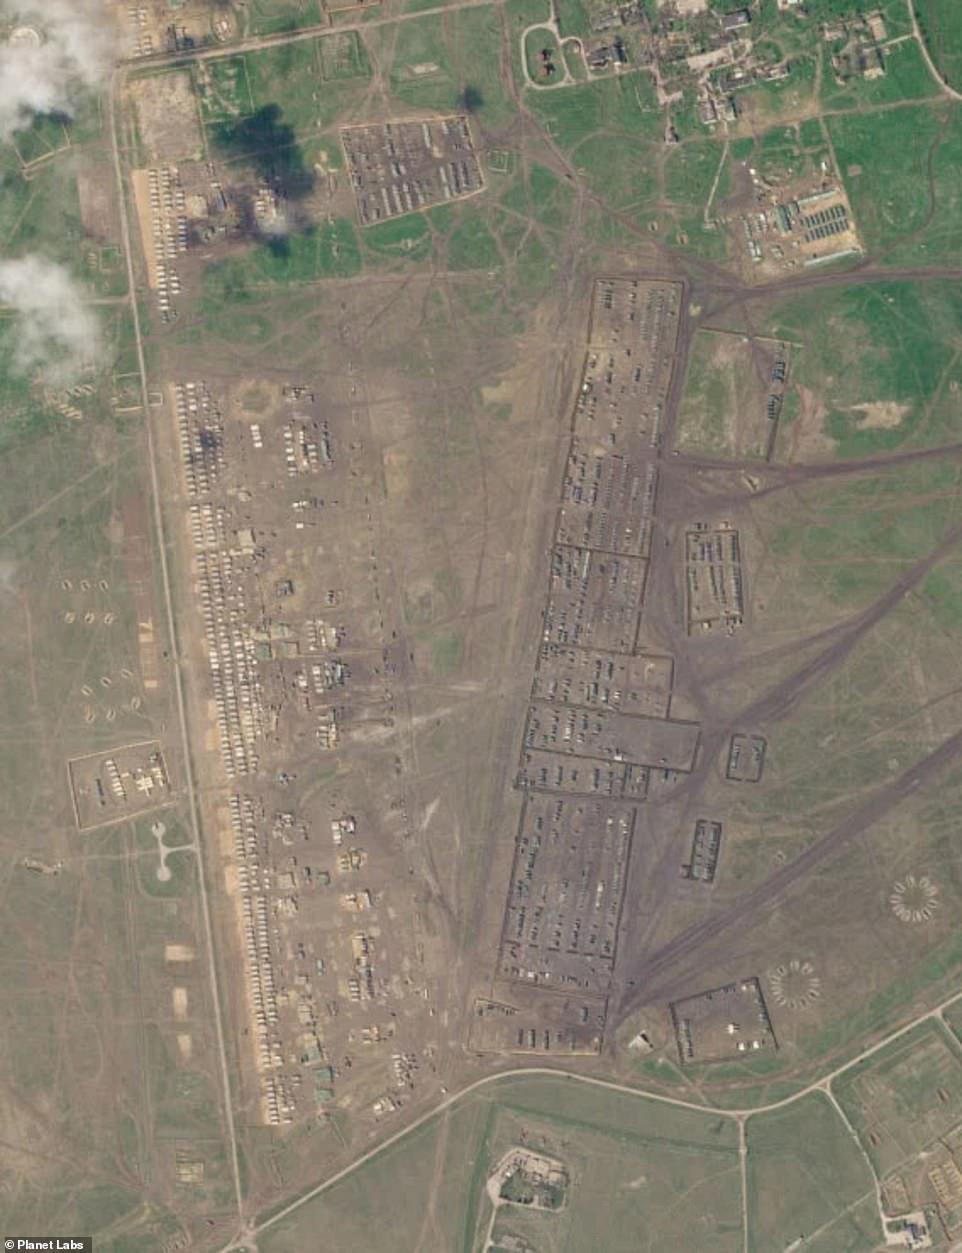 Vệ tinh tiết lộ bí mật của quân đội Nga ở Crimea khiến Ukraine đứng ngồi không yên - Ảnh 4.